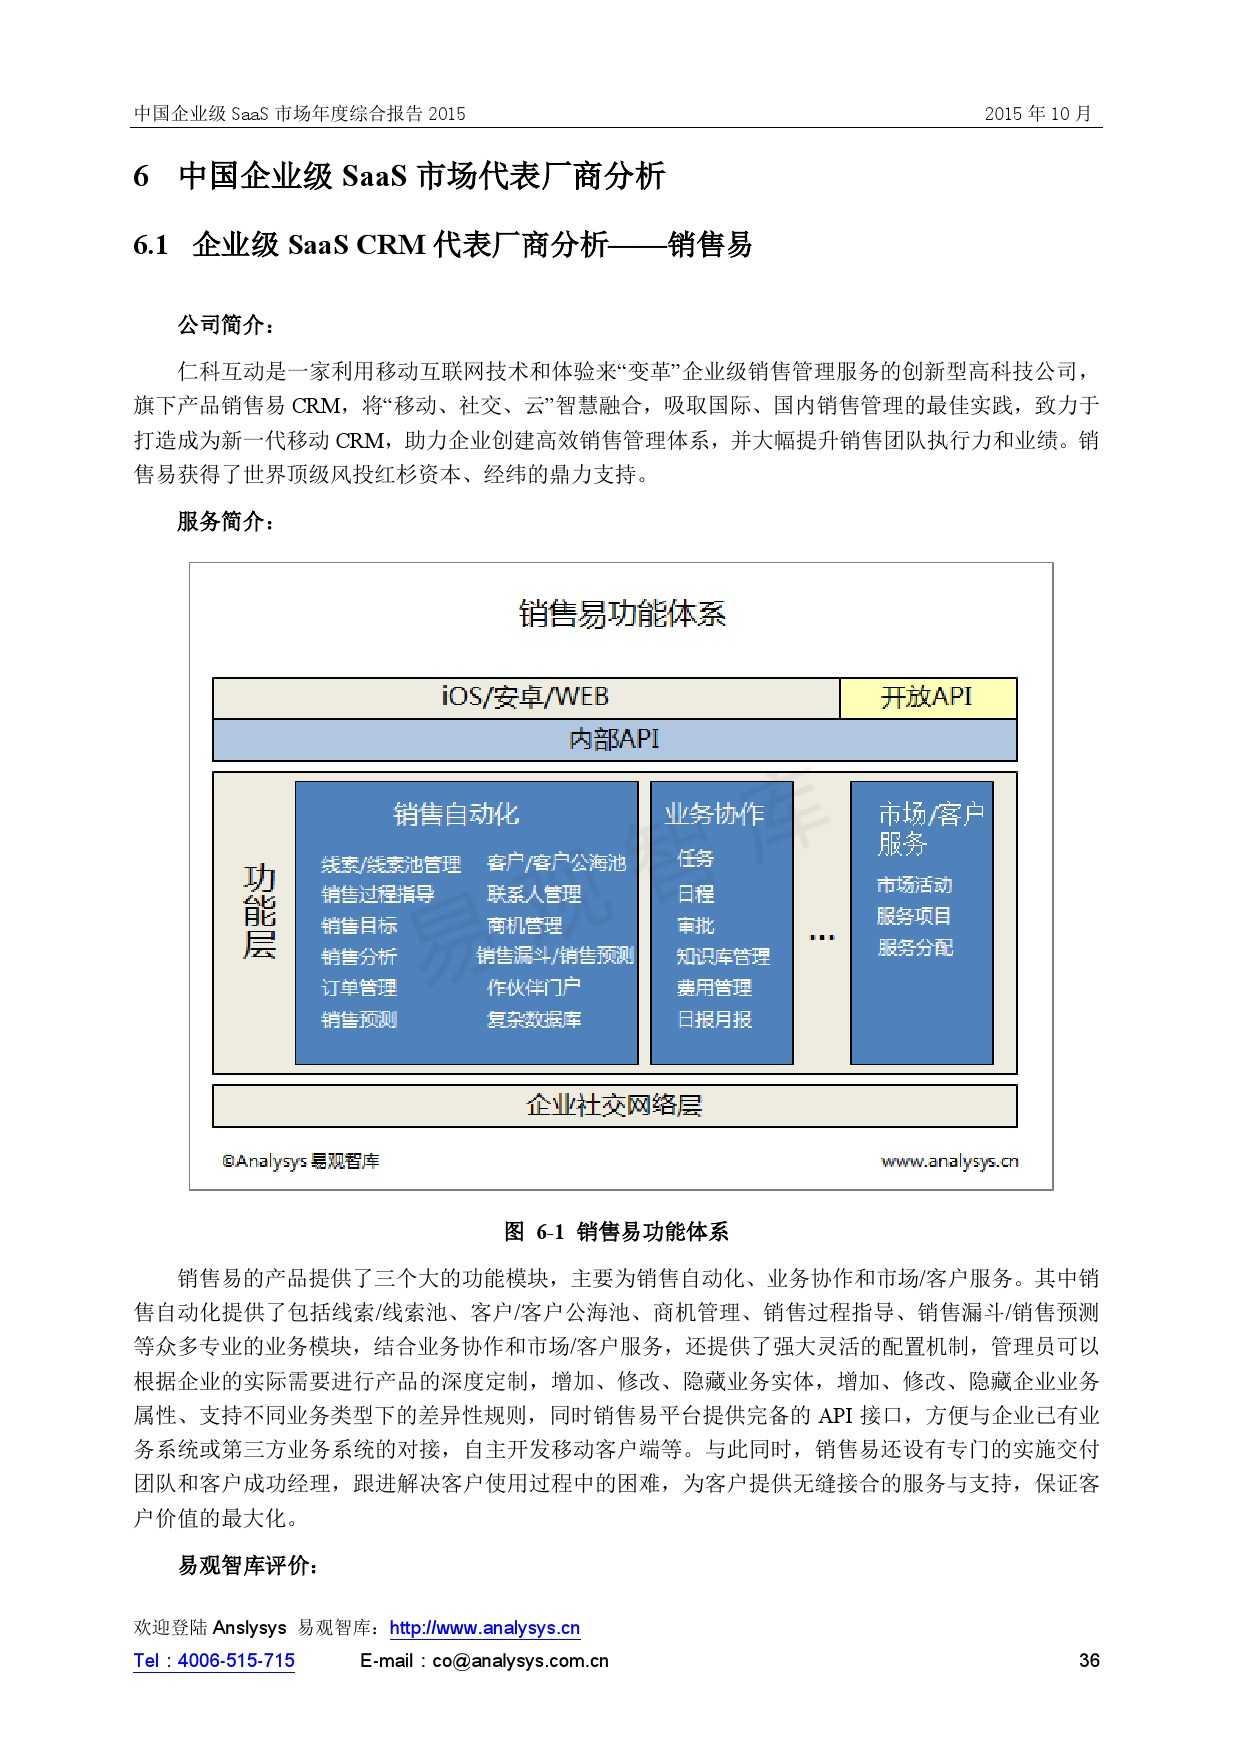 中国企业级SaaS市场年度综合报告2015 01_000036